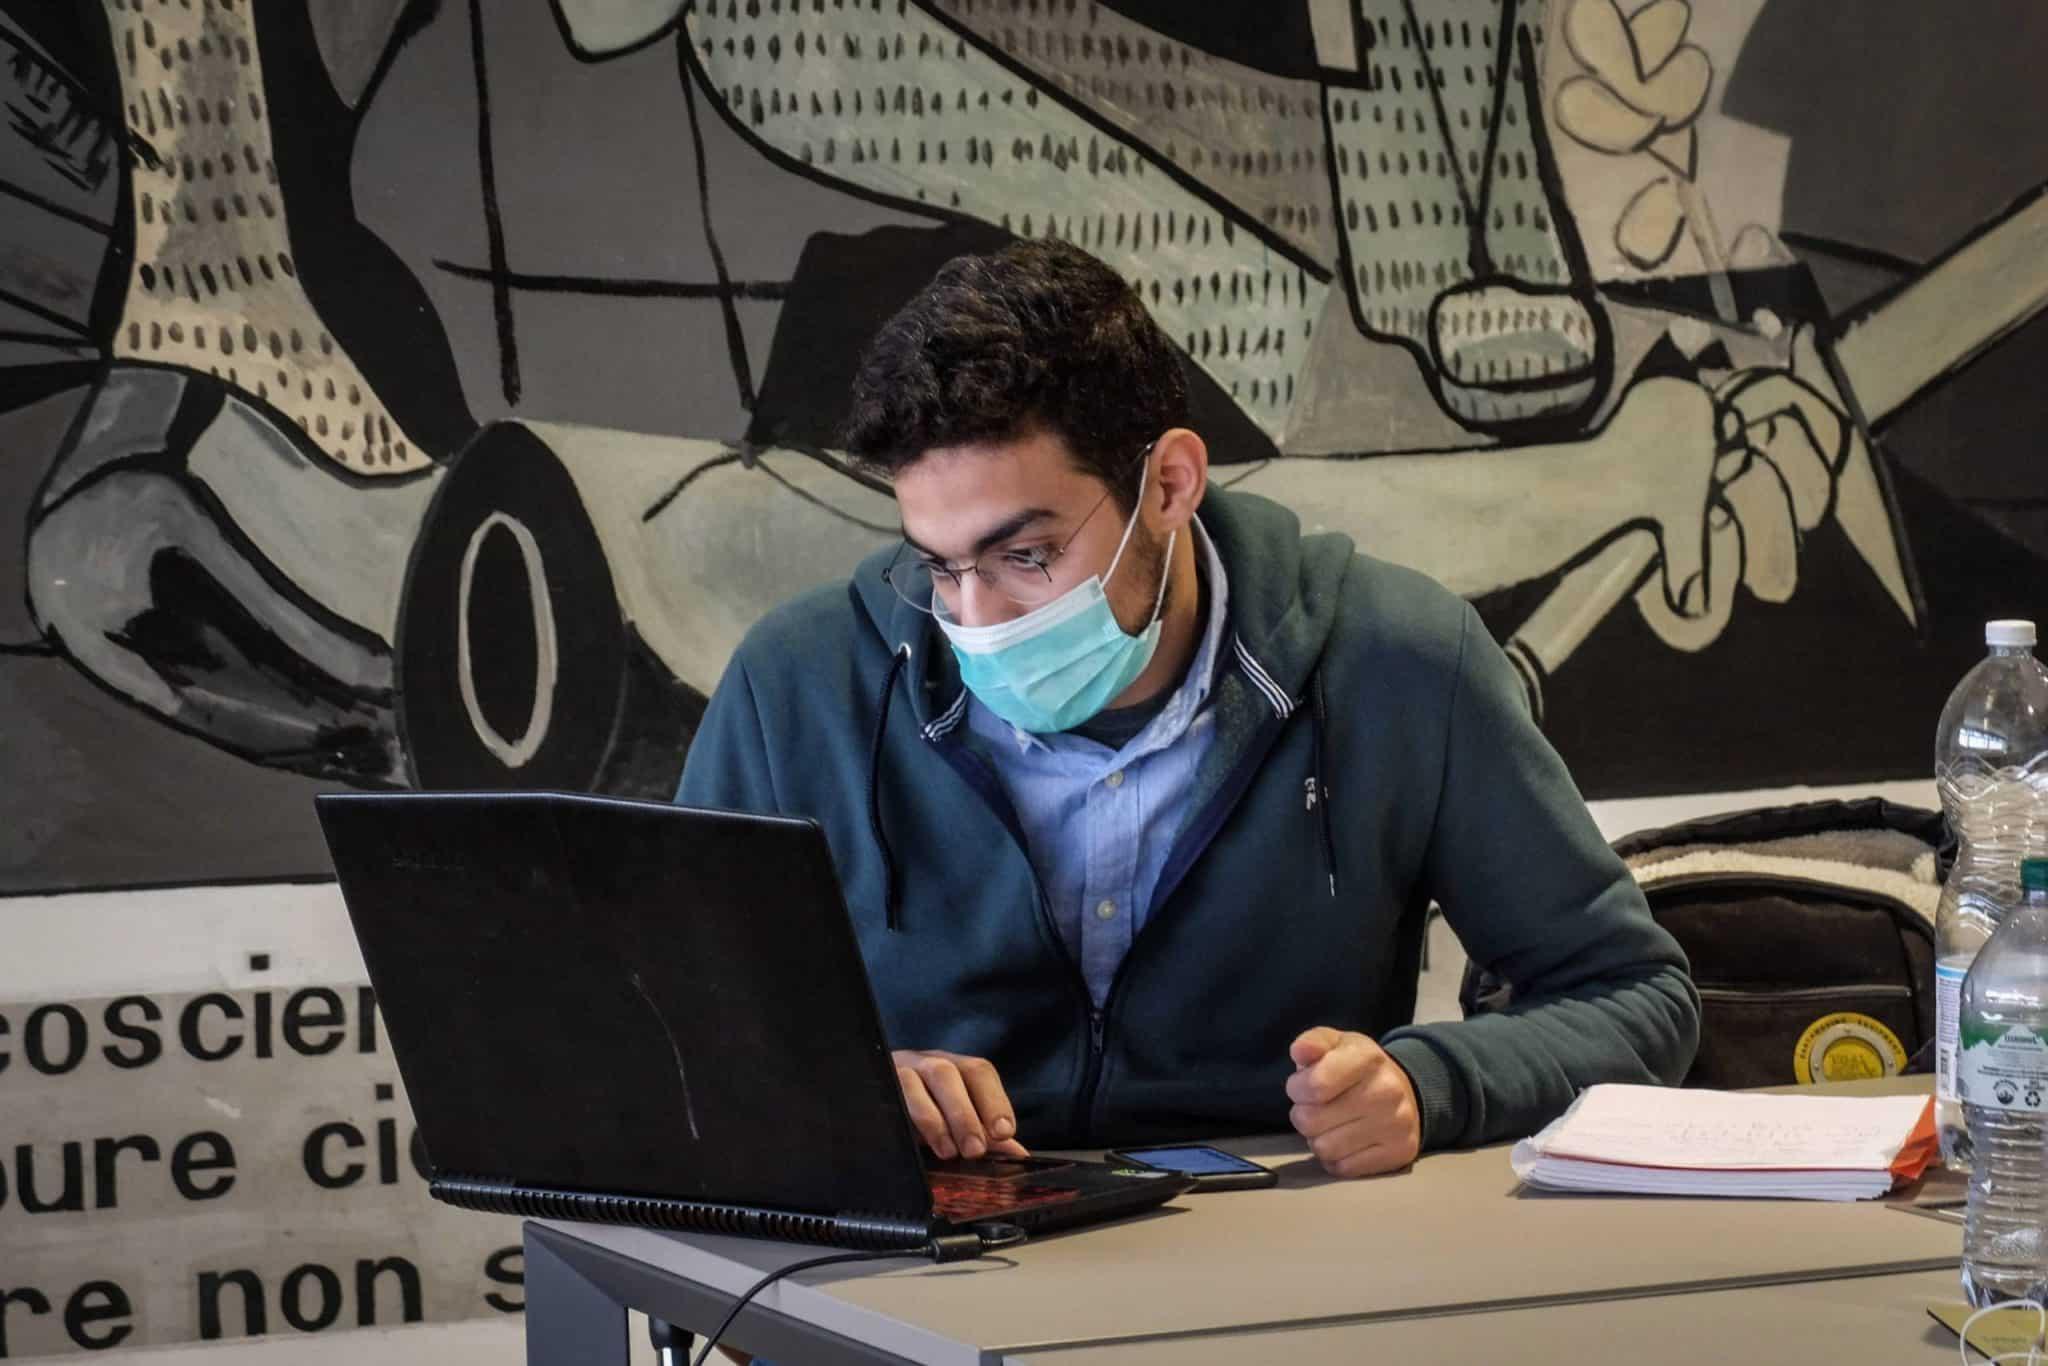 Gobierno de EE.UU. revoca política de negar visas de estudiantes de universidades con clases en línea